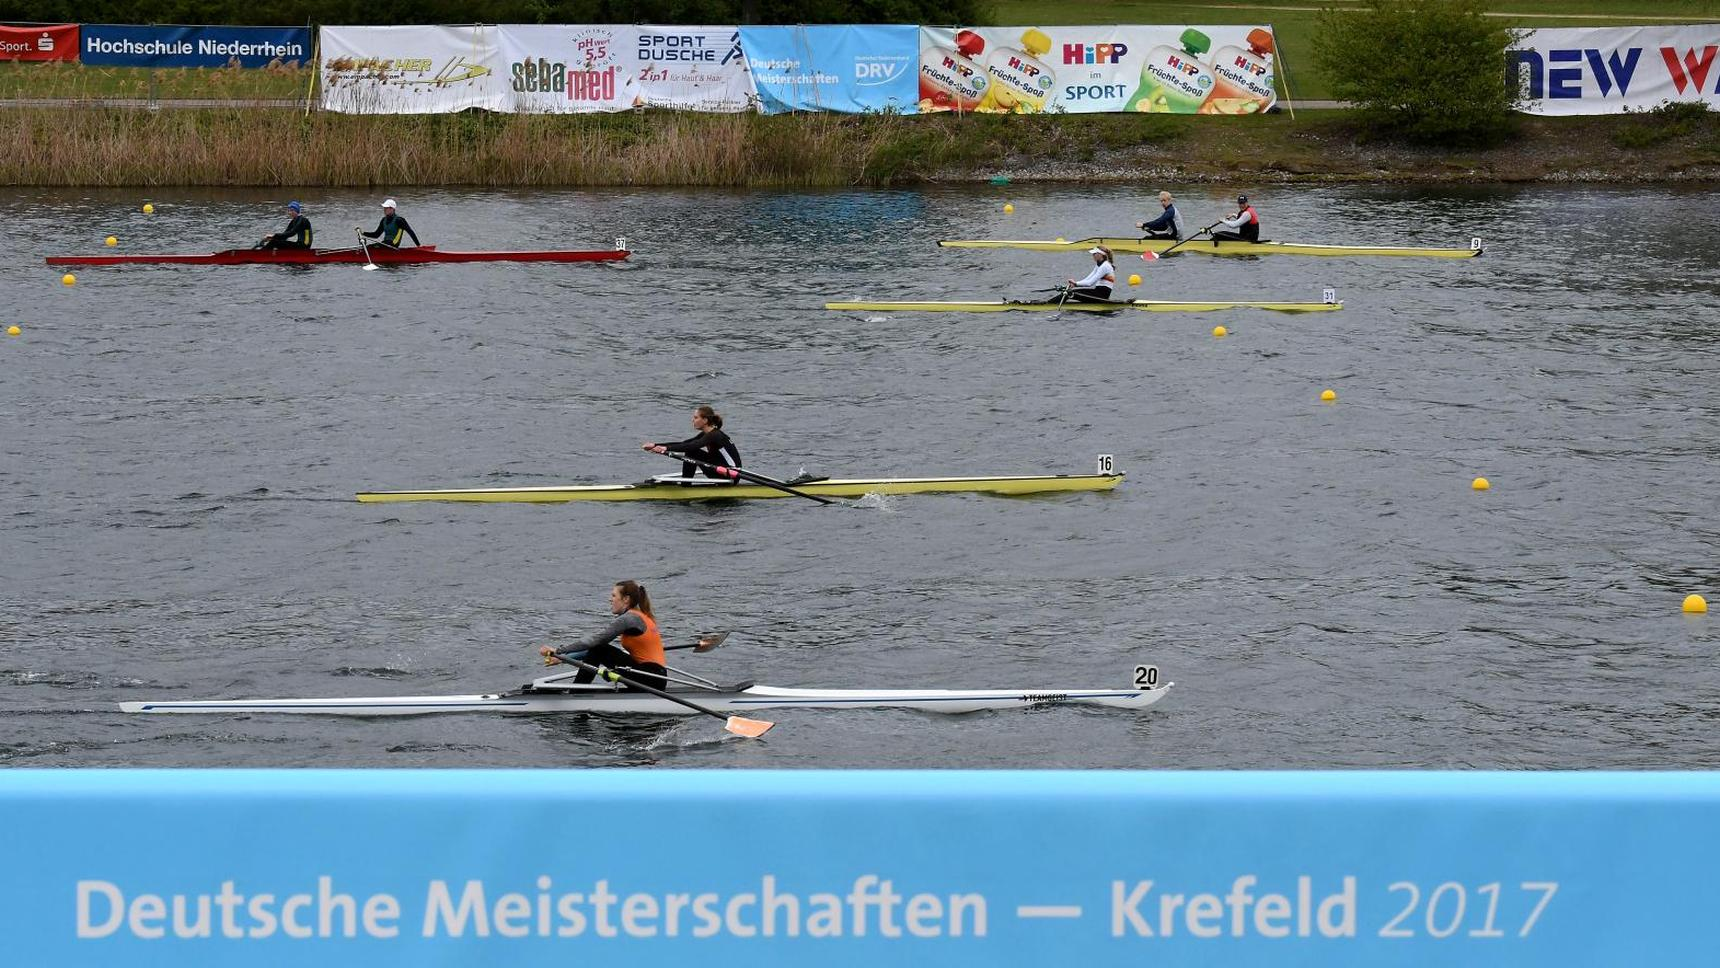 Deutsche Kleinbootmeisterschaften 21. bis 23. April 2017 in Krefeld